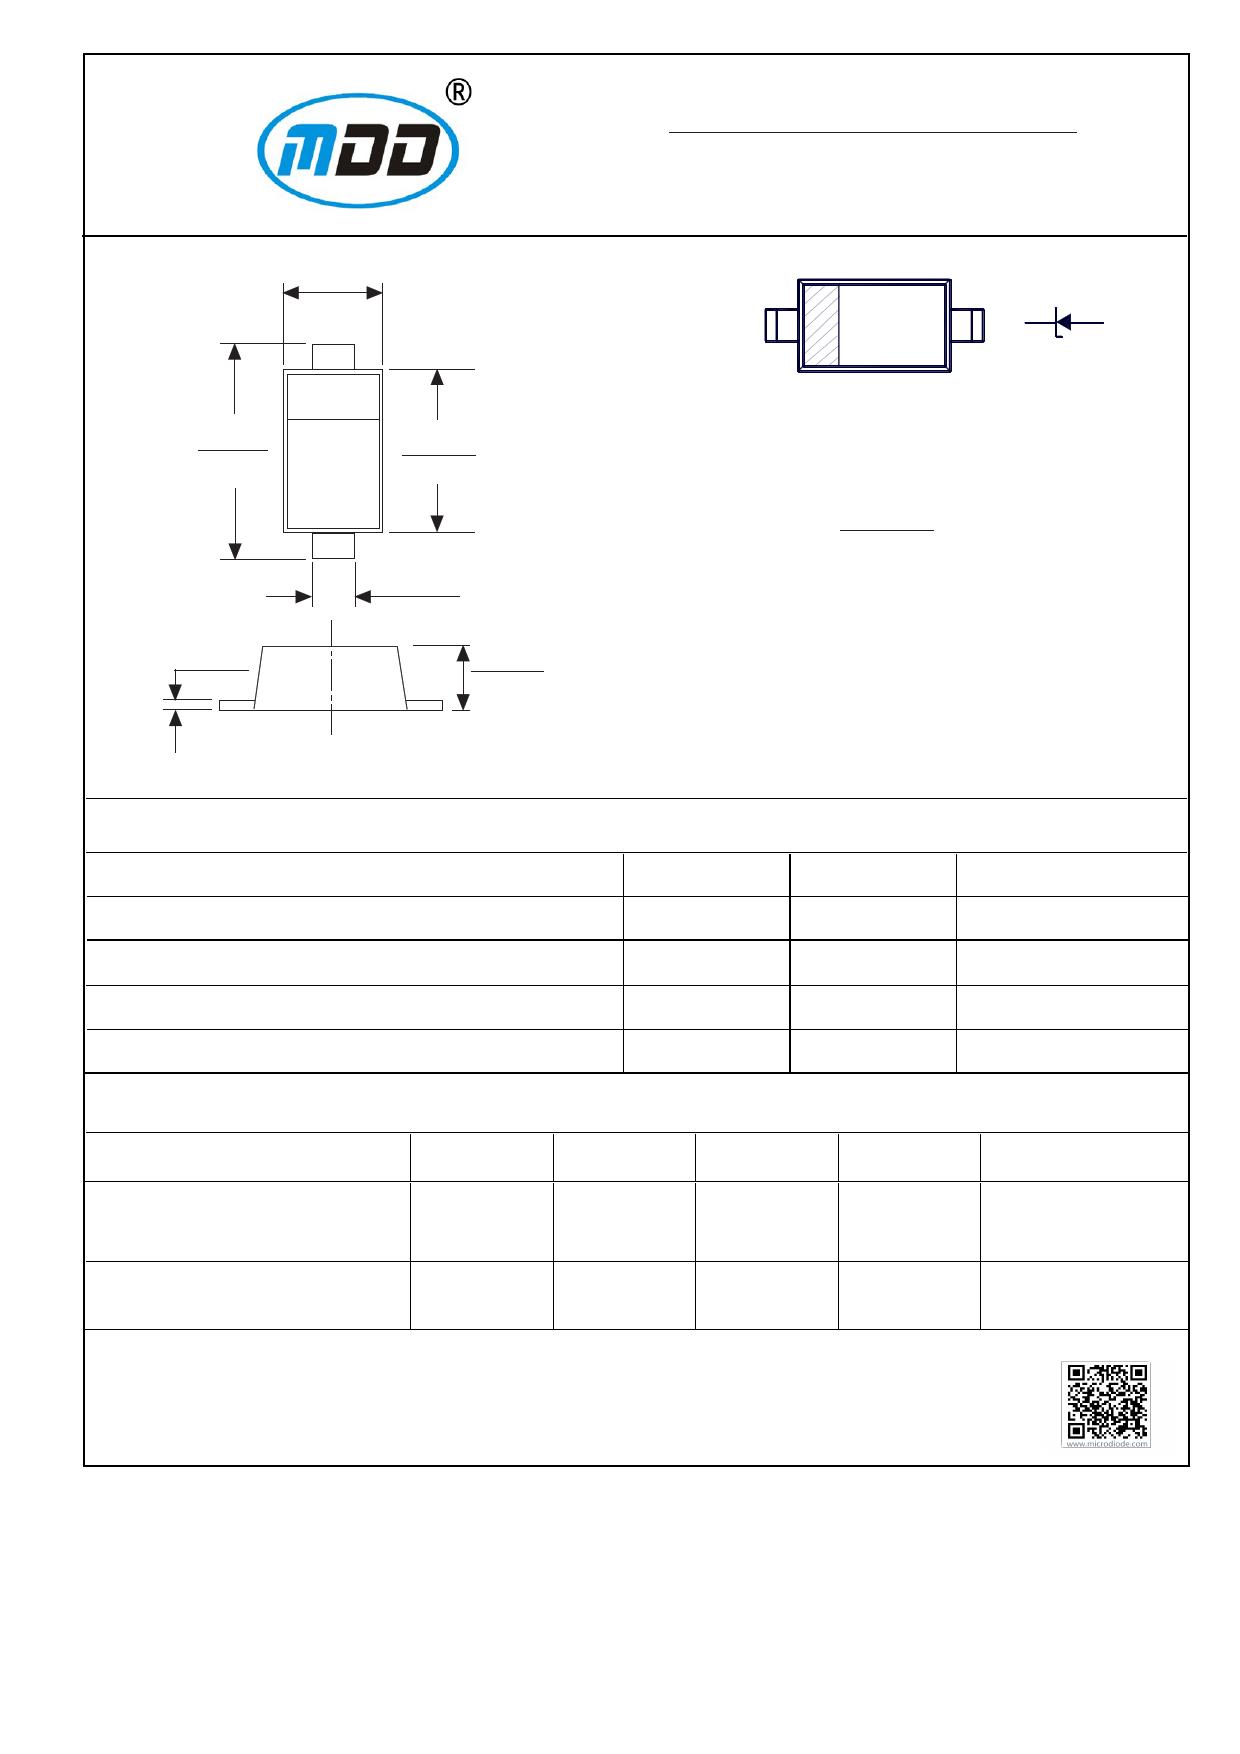 MM1Z91 datasheet